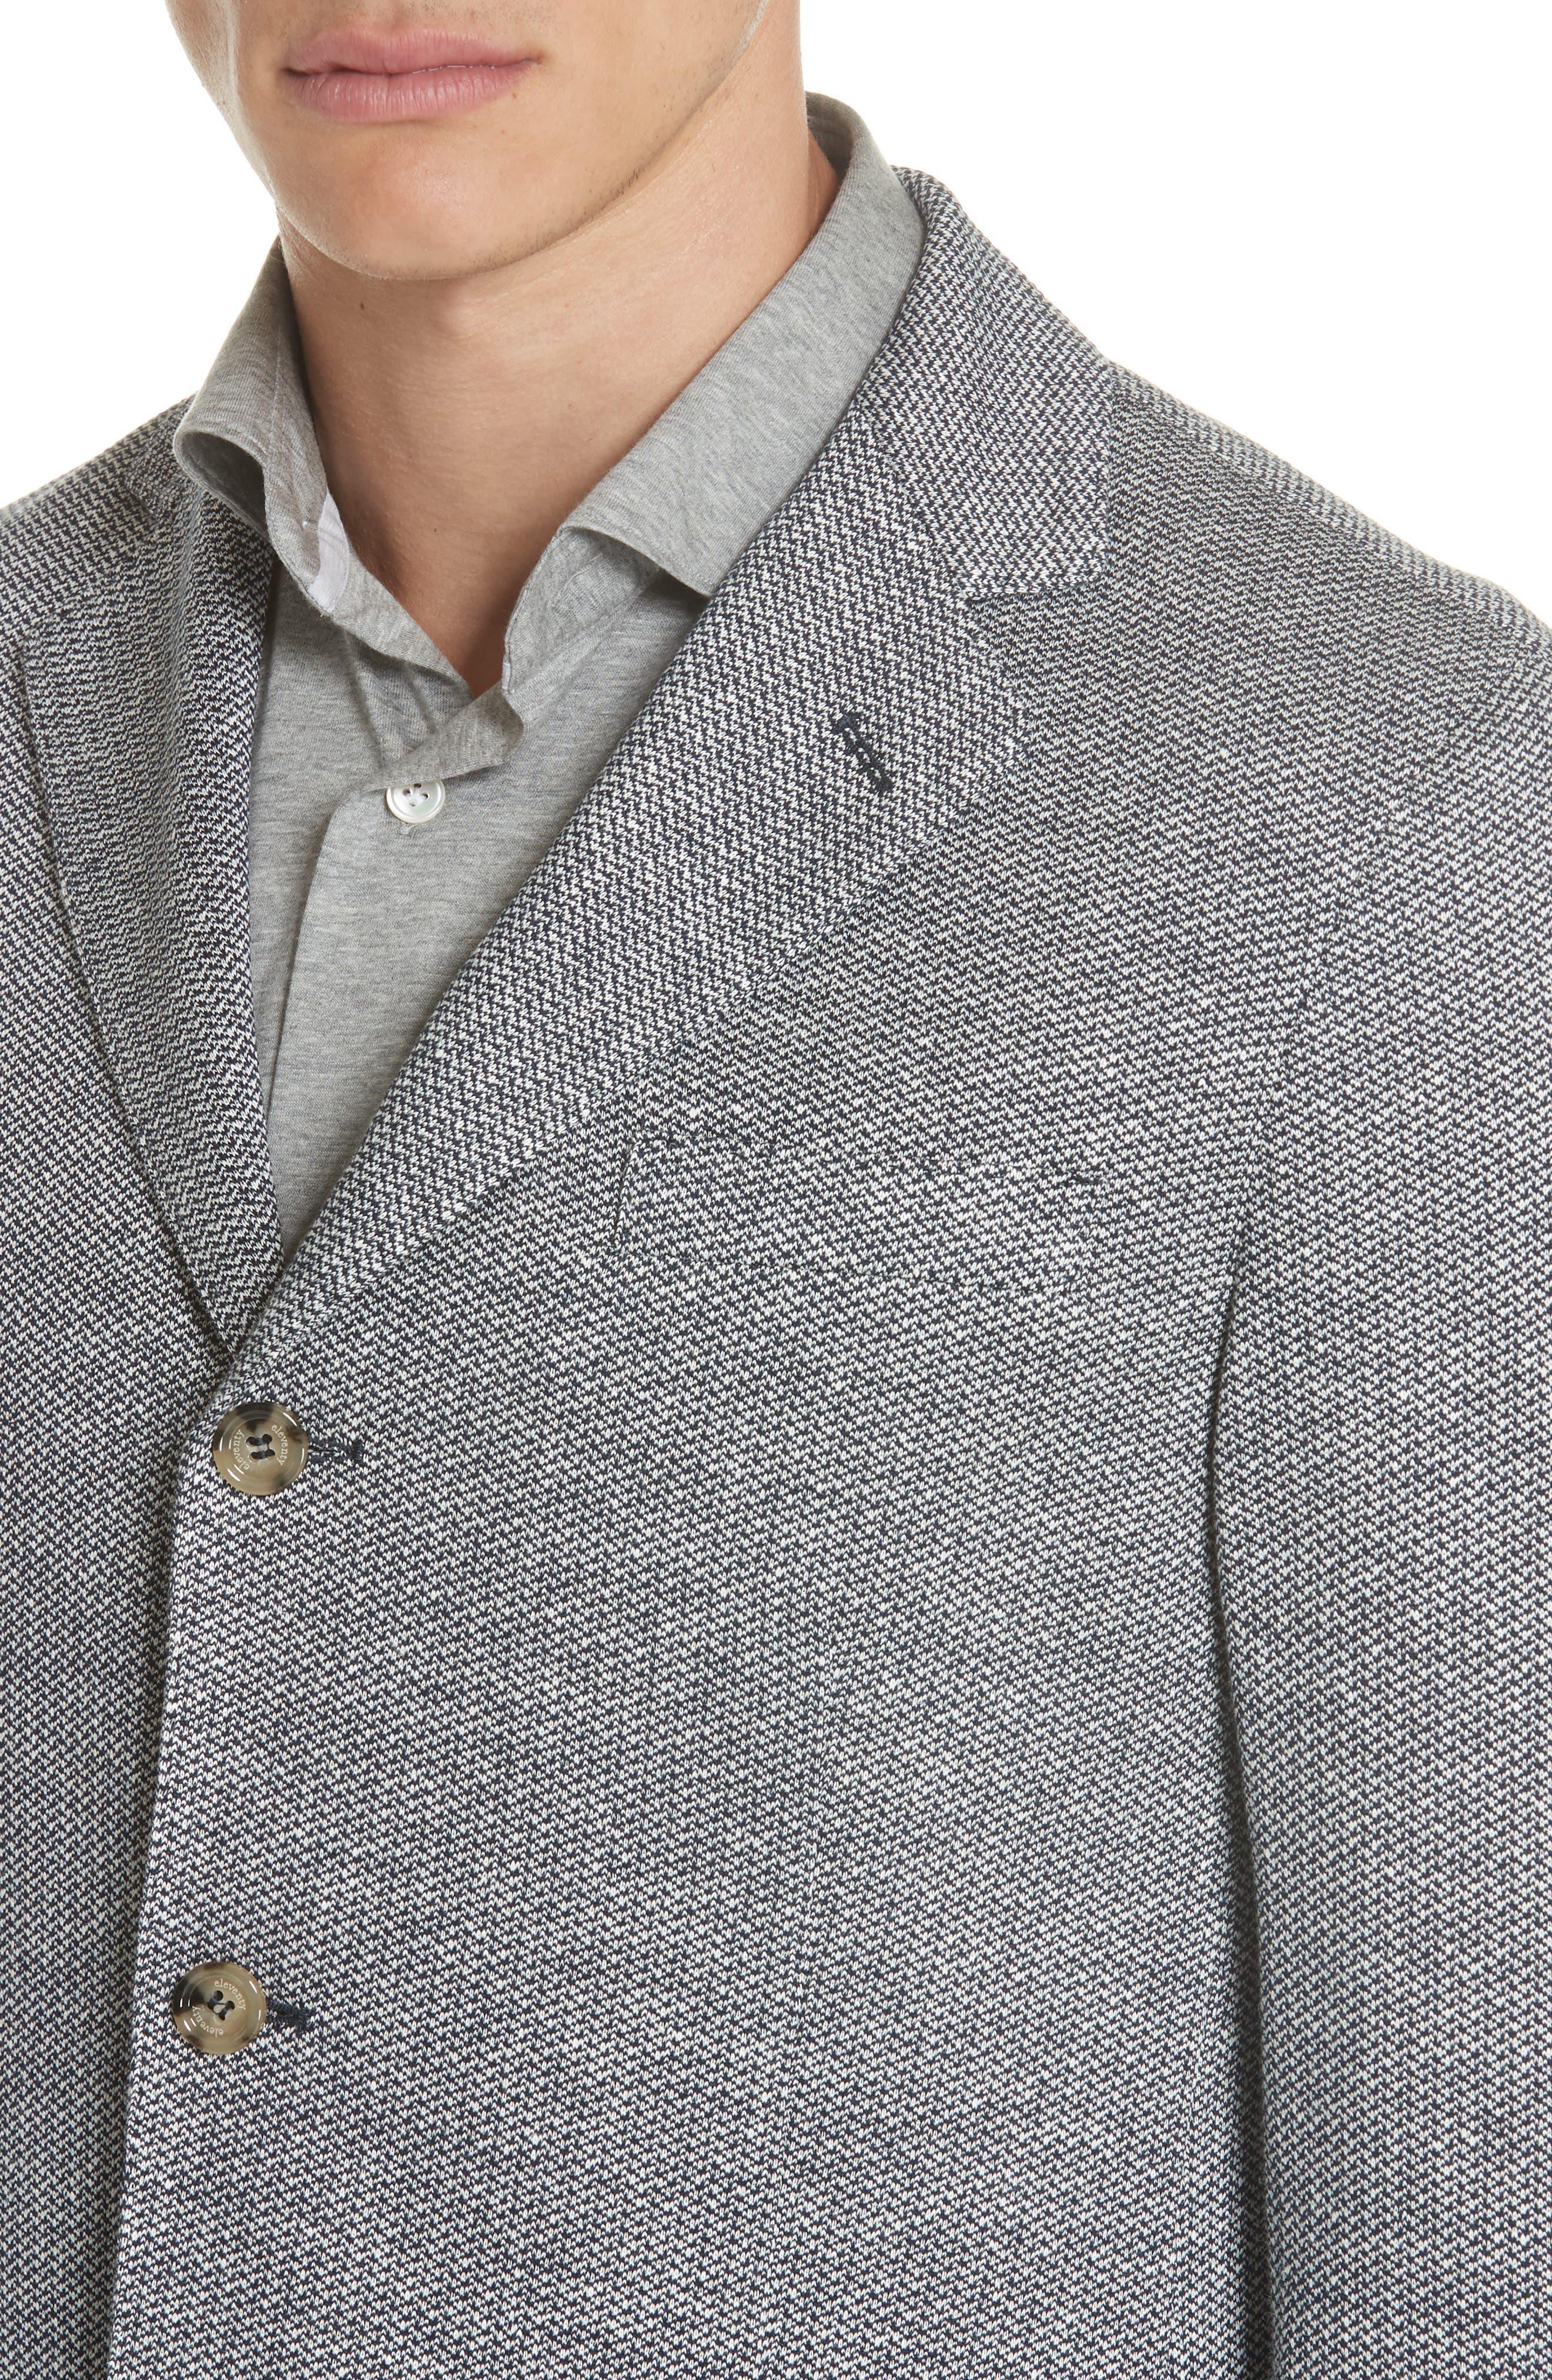 Trim Fit Linen & Cotton Blazer,                             Alternate thumbnail 4, color,                             400